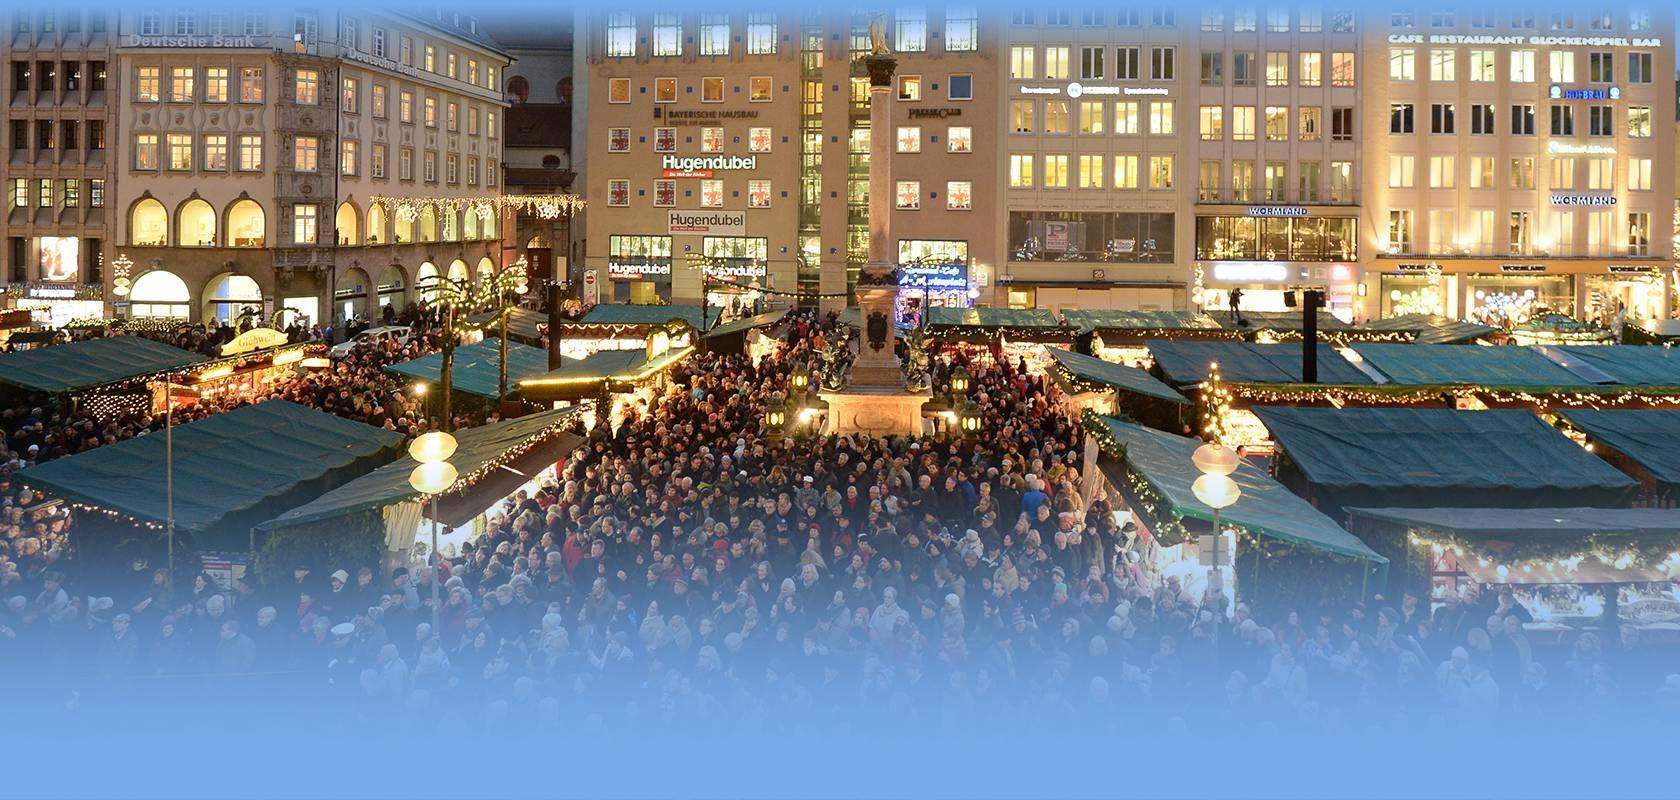 Wetter Weihnachtsmarkt München